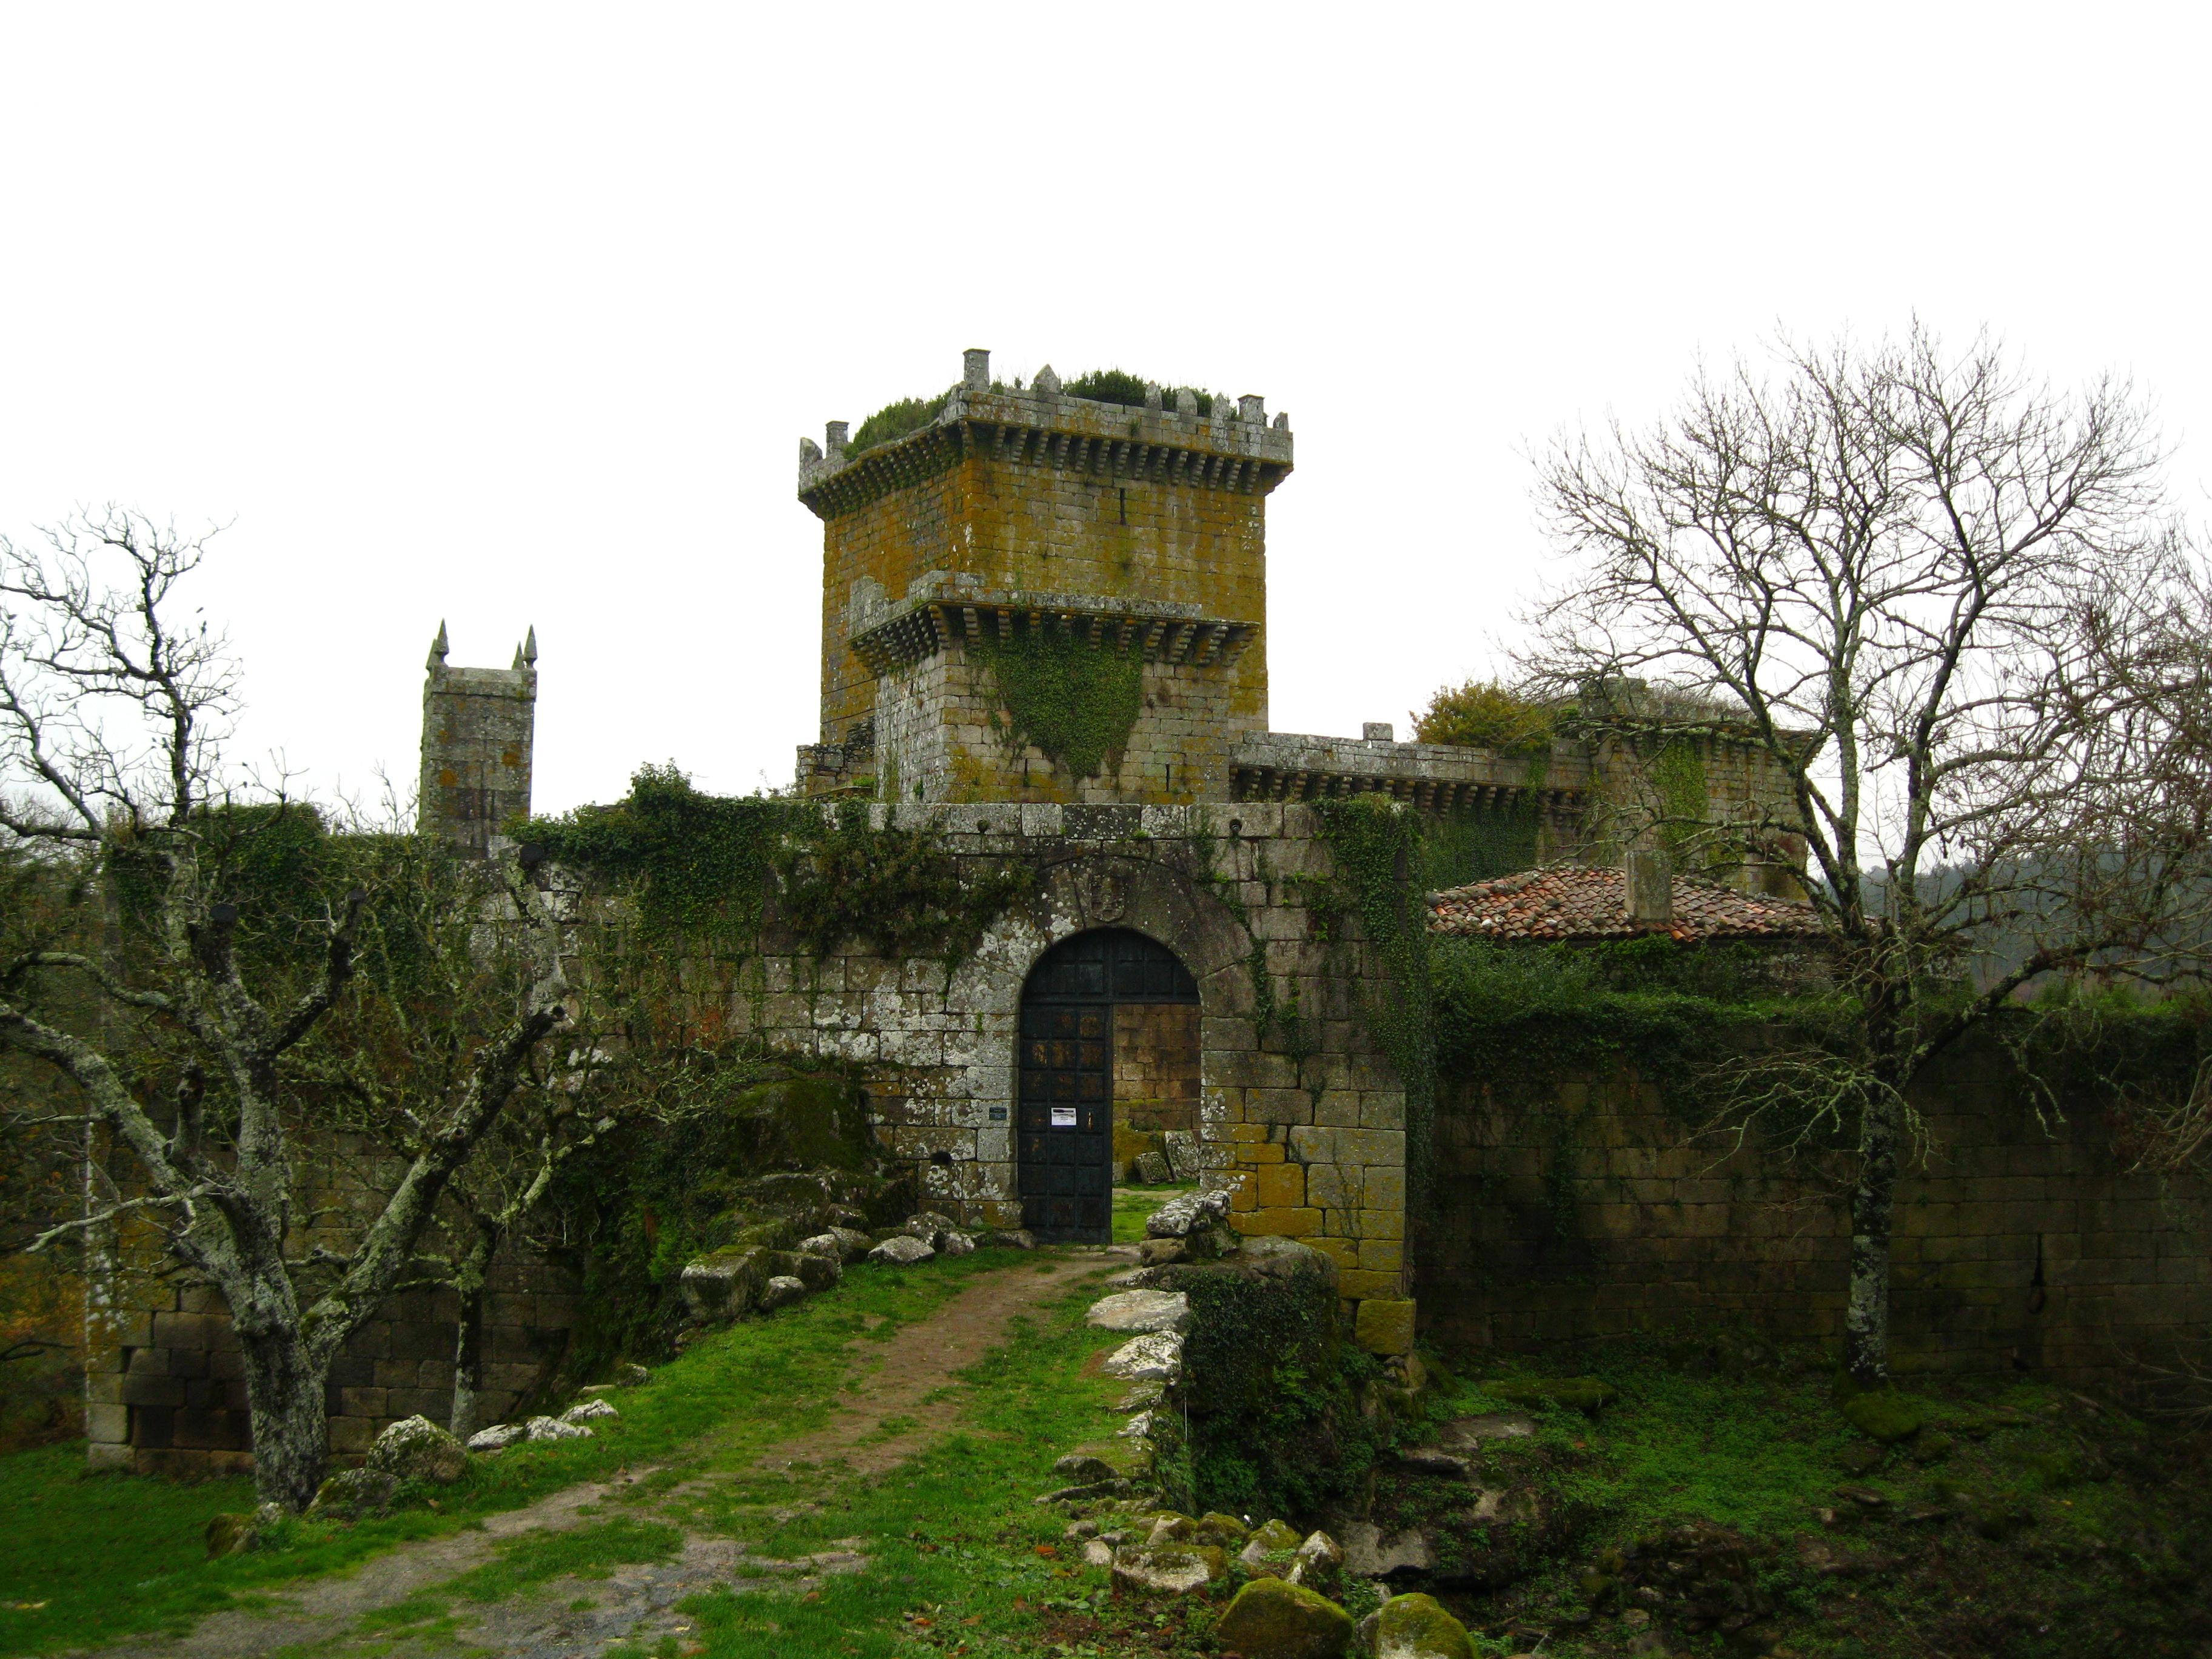 Castelo de Pambre © Xosema